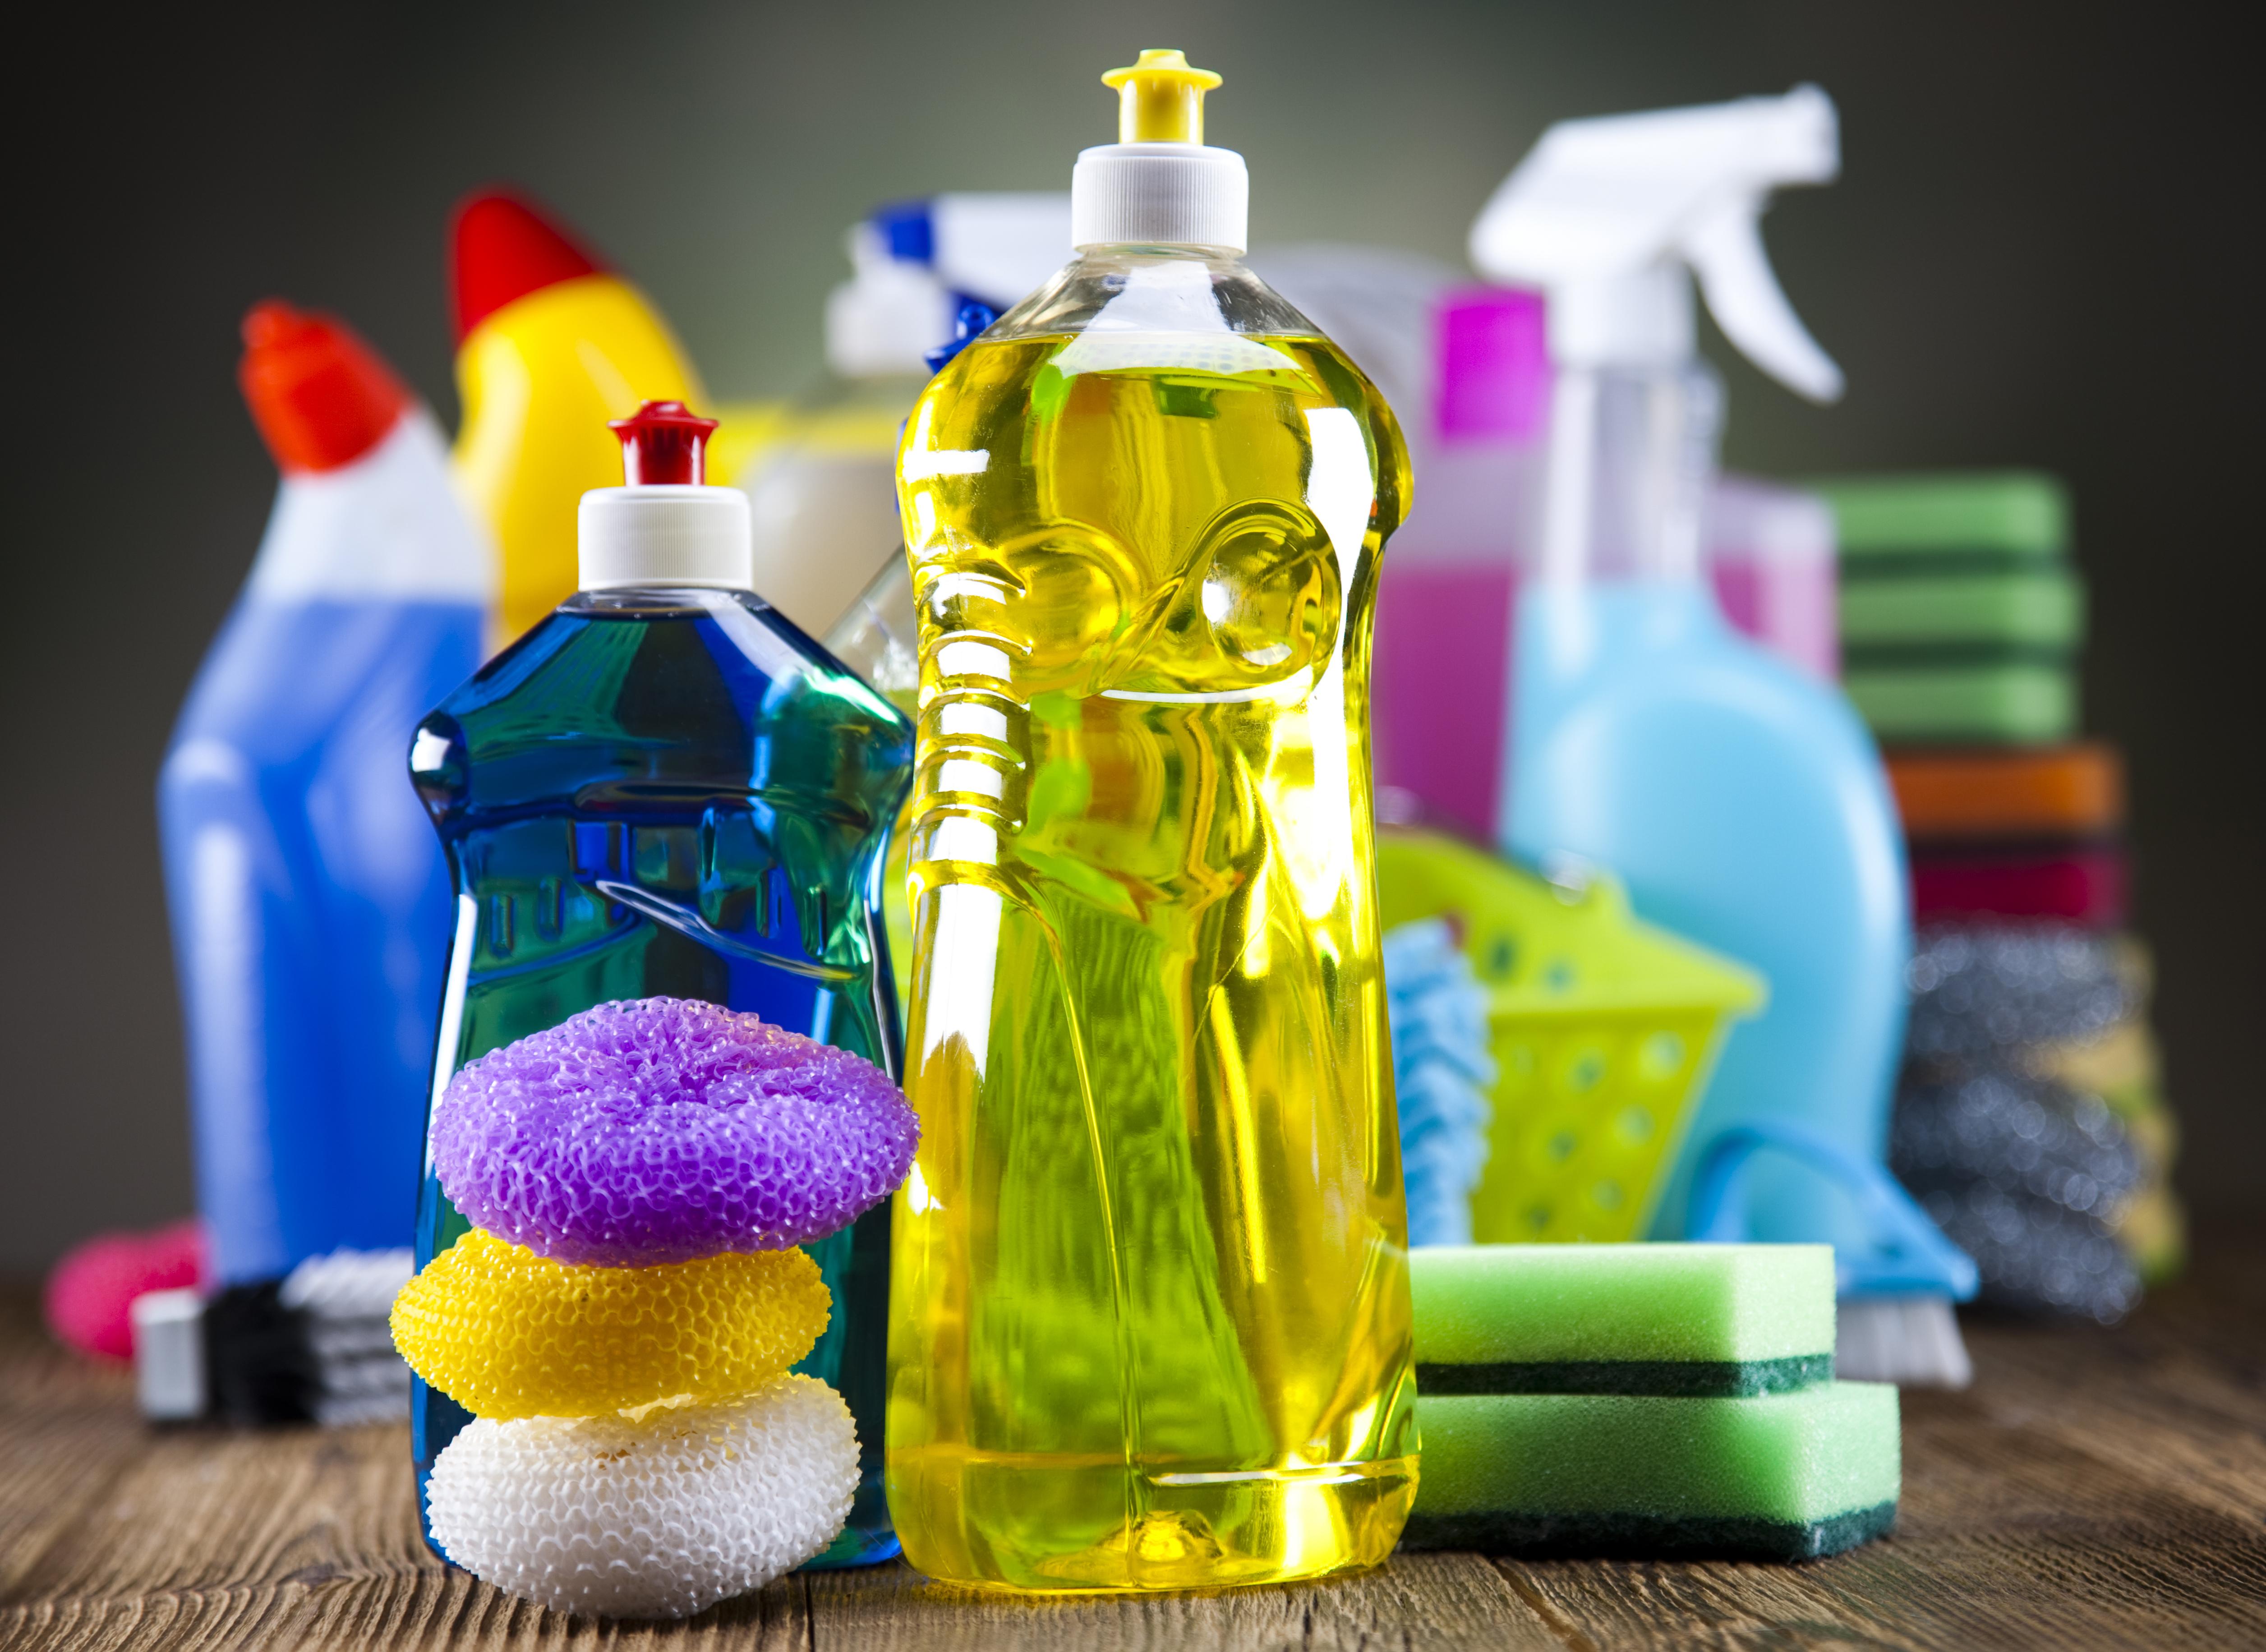 7 Astuces Pour Laver Vos Vitres Sans Effort Et Sans Traces Plus Belle La Vitre